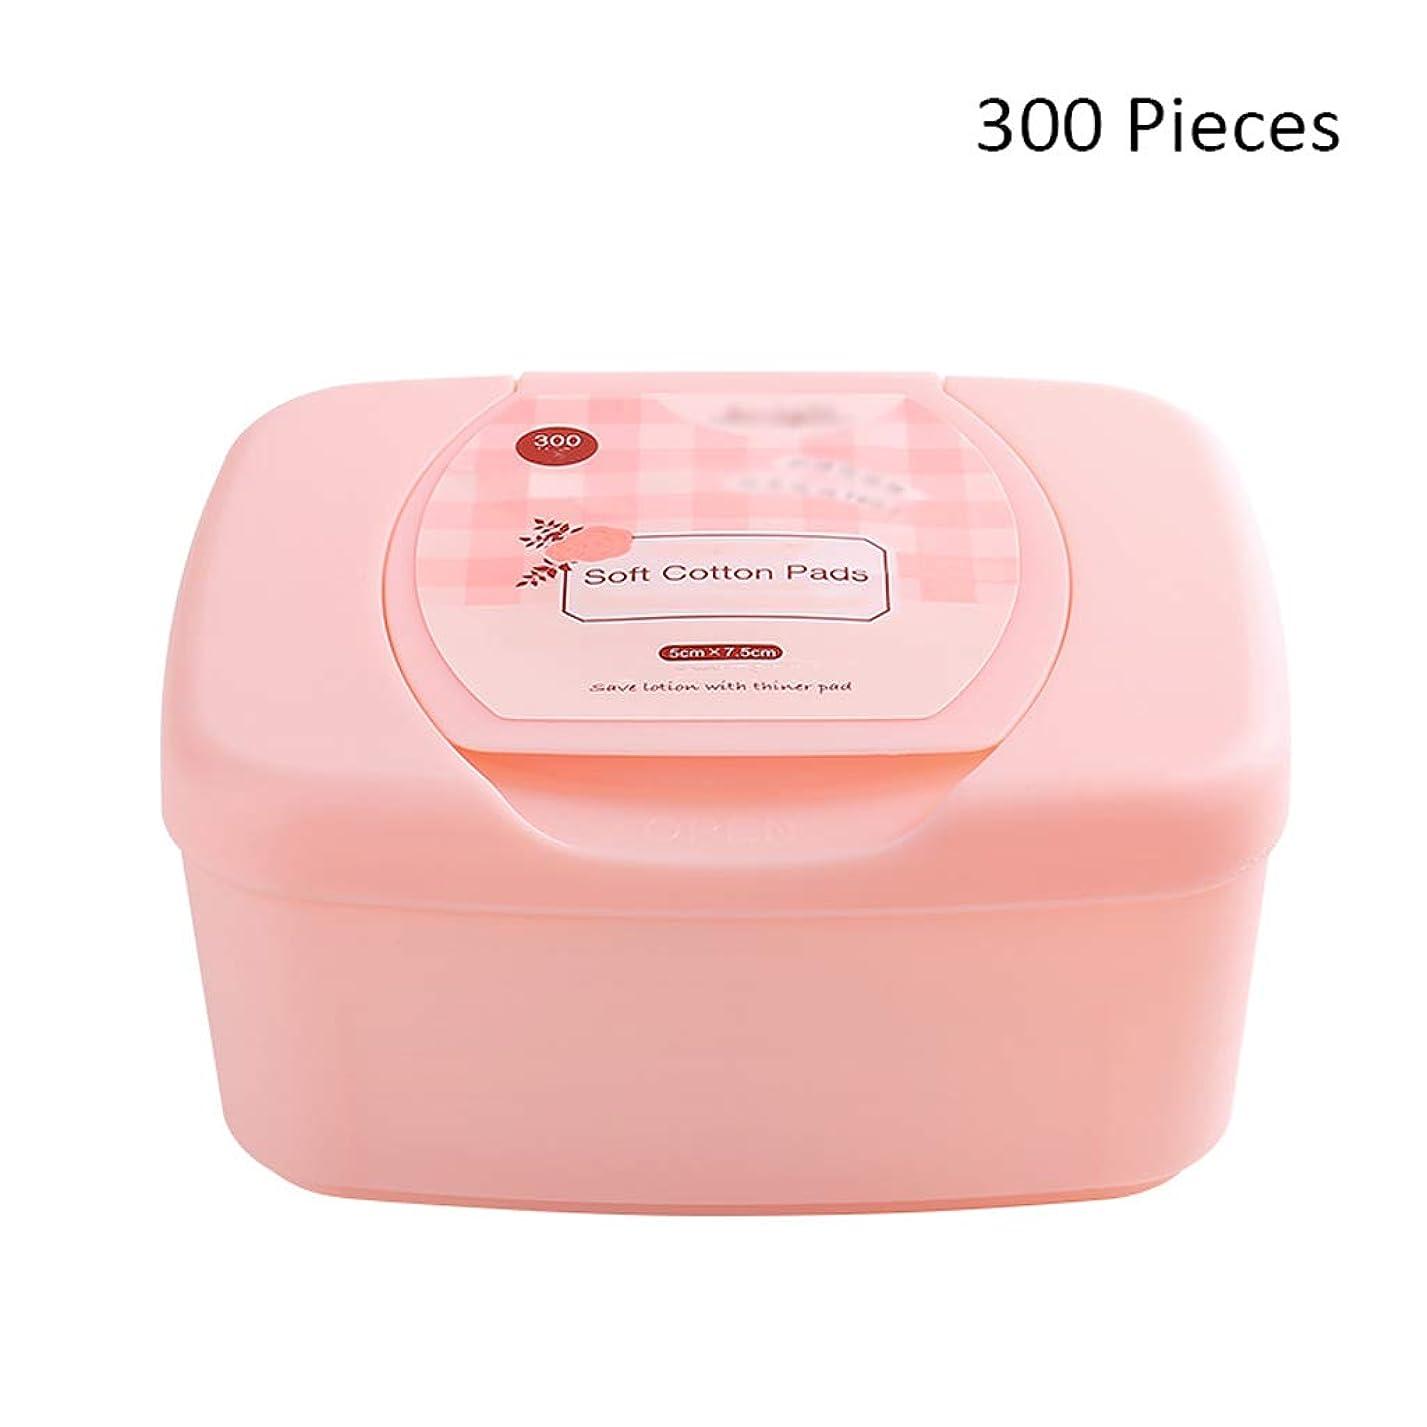 テクスチャー毎回パワーセル化粧パッド 300ピース顔メイクコットンワイプフェイスクレンジングパフネイルポリッシュリムーバーリムーバブル化粧品スキンケアパッド付きケース メイク落とし化粧パッド (Color : Pink, サイズ : 7.5*5cm)